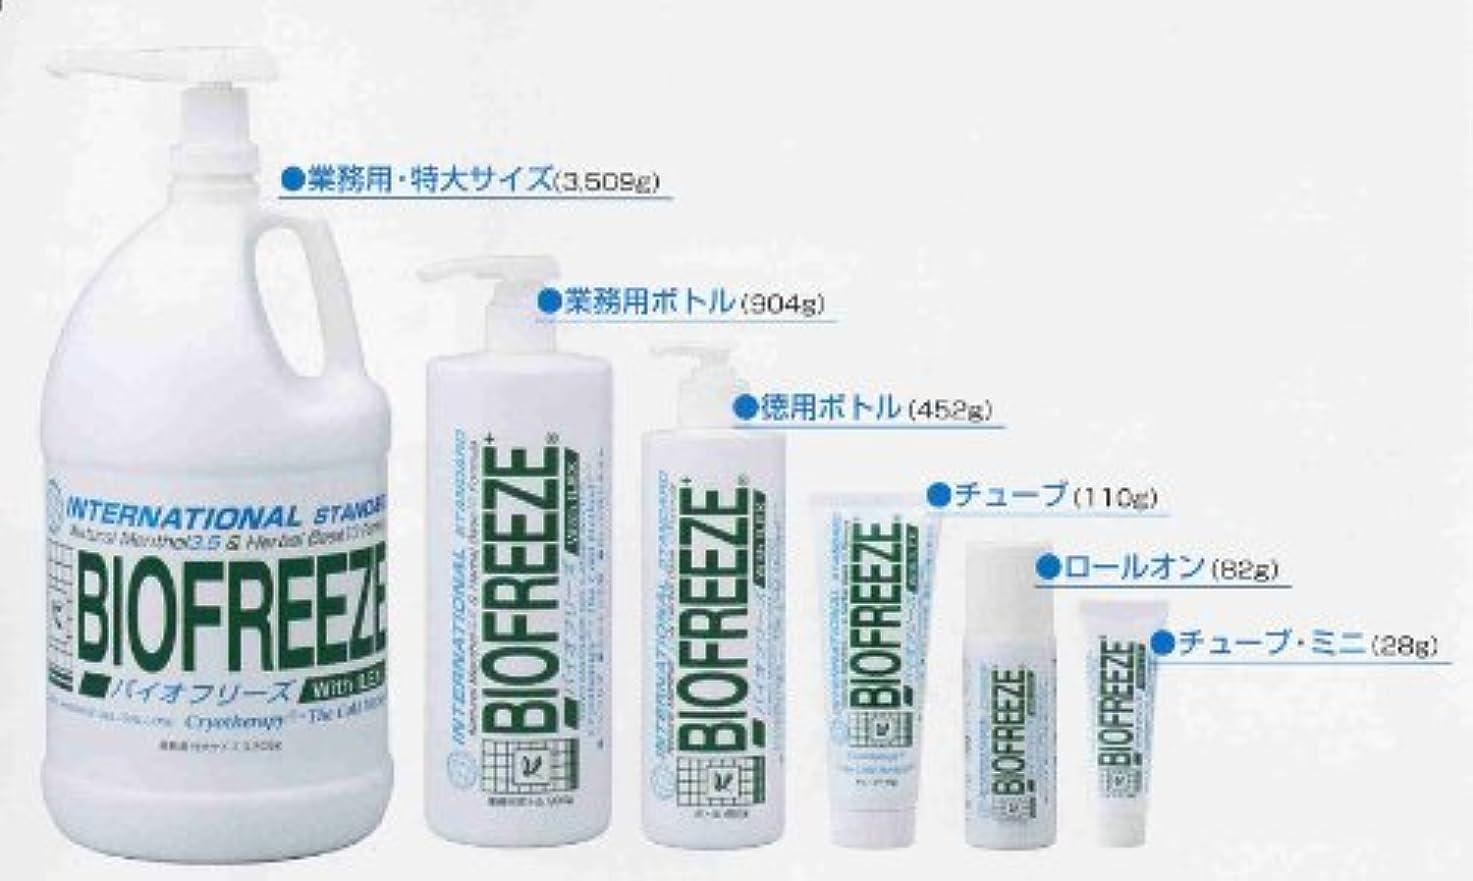 気楽なモザイクバイソンバイオフリーズ(BIOFREEZE) 904g - ボディ用、業務用ボトル!